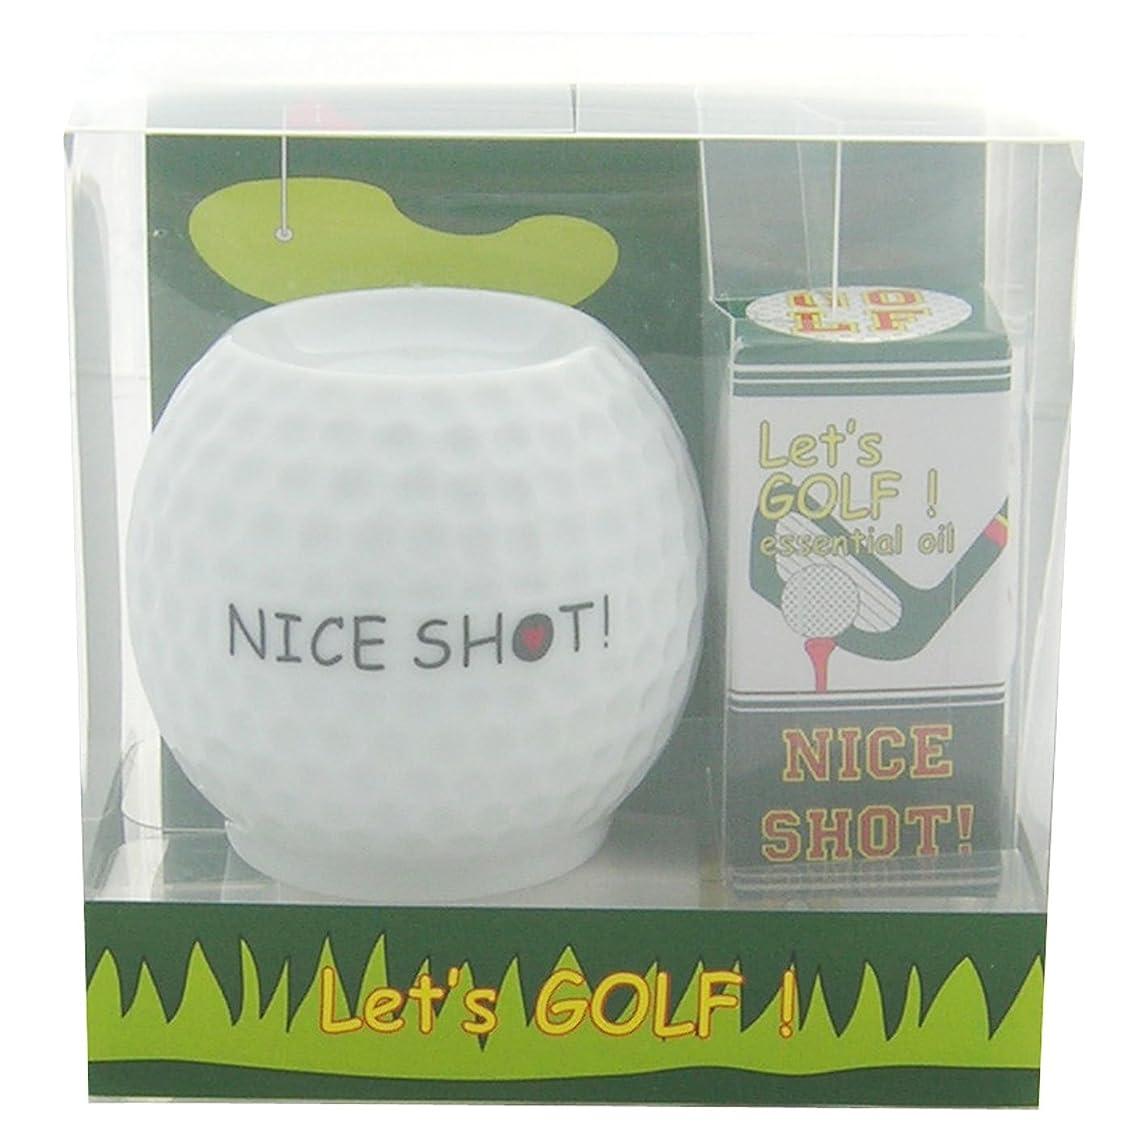 不正確中に試すフリート レッツ ゴルフ! アロマライトセット ナイスショット! 4ml